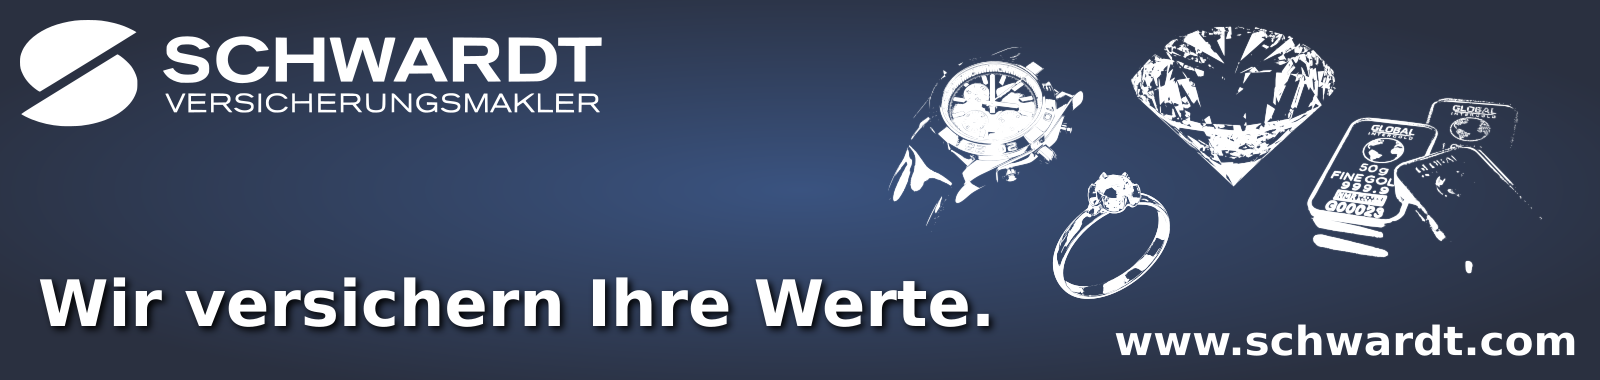 Schwardt_Top_Banner